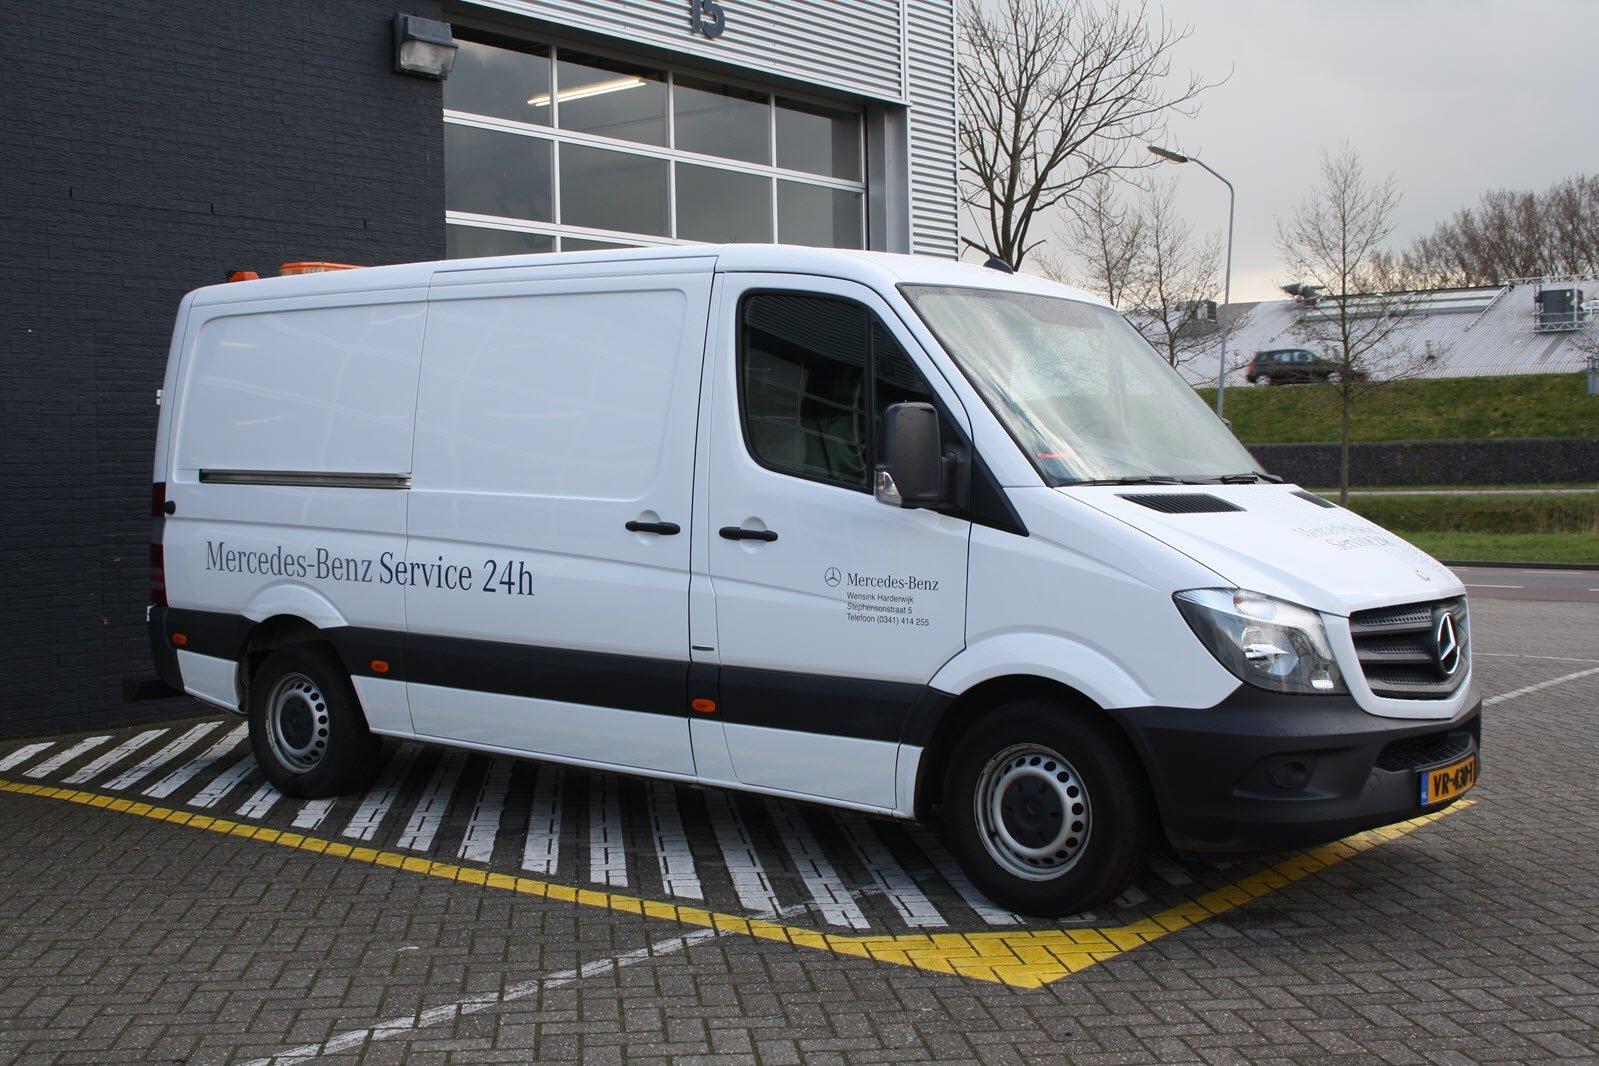 Wensink mercedes bedrijfswagens harderwijk for Mercedes benz westmont service